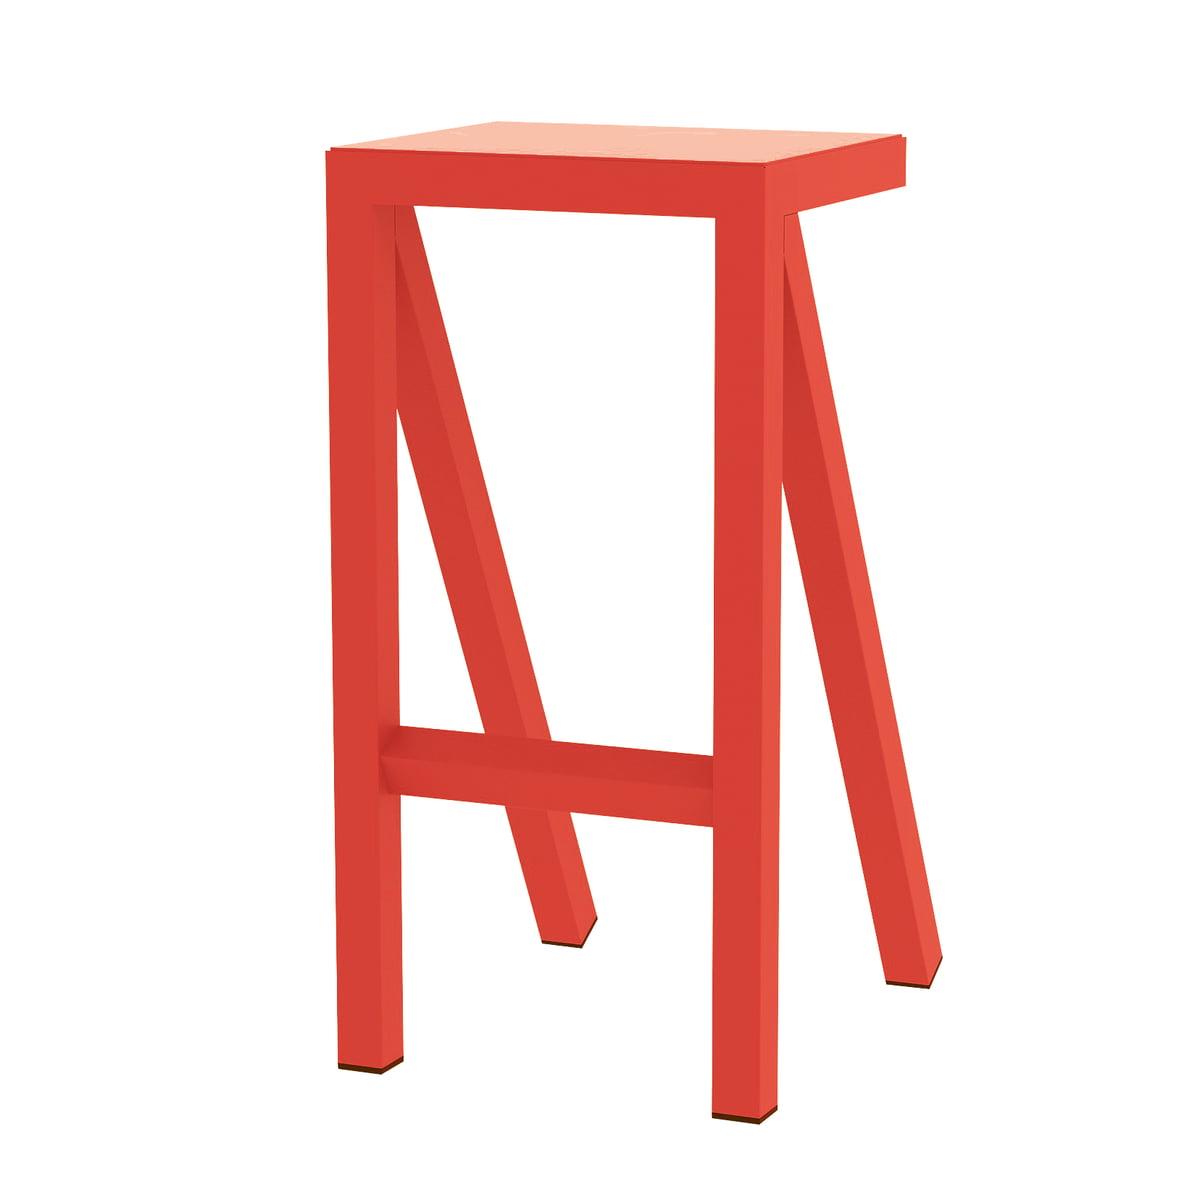 Magis - Bureaurama Küchen-Hocker H 62 cm, orange | Küche und Esszimmer > Stühle und Hocker > Küchenhocker | Orange | Magis